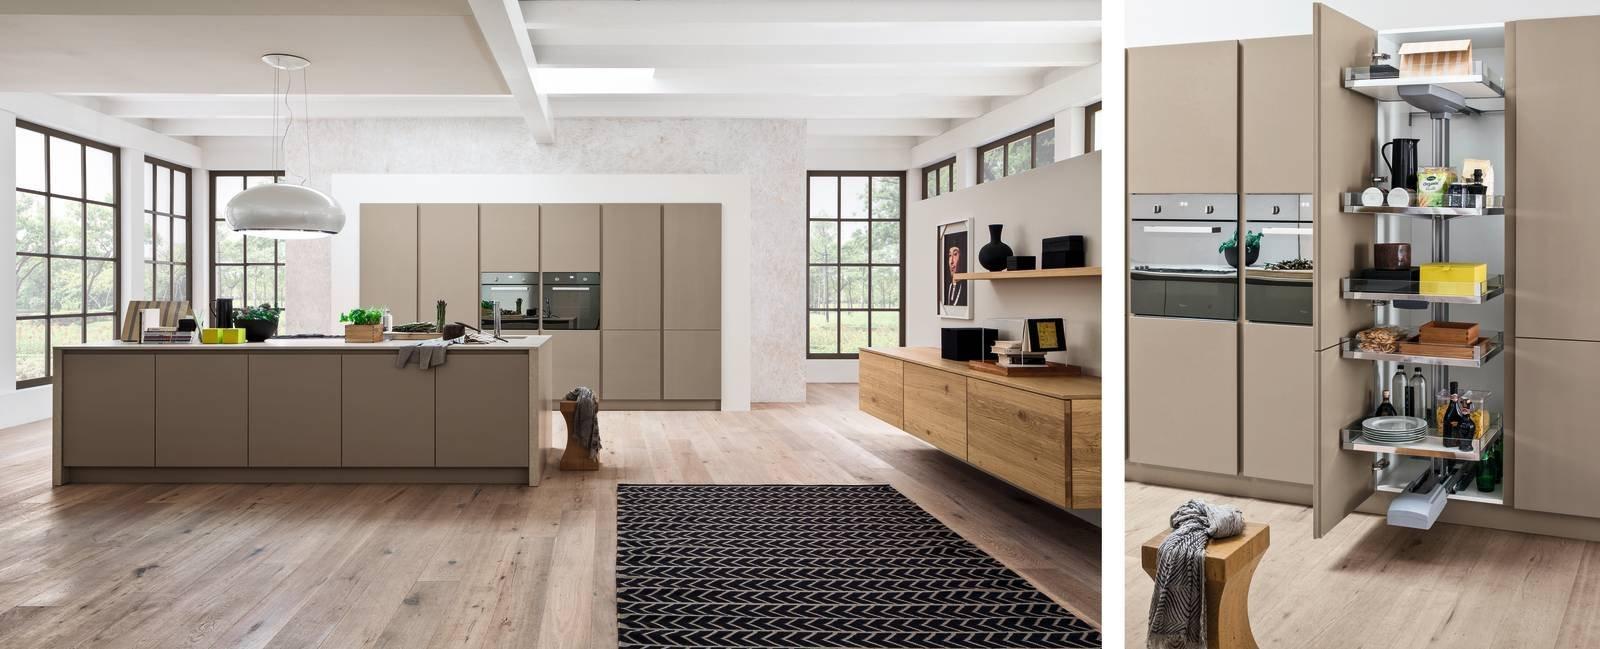 Dentro i mobili della cucina spazio in pi facile da for Dove comprare mobili a poco prezzo